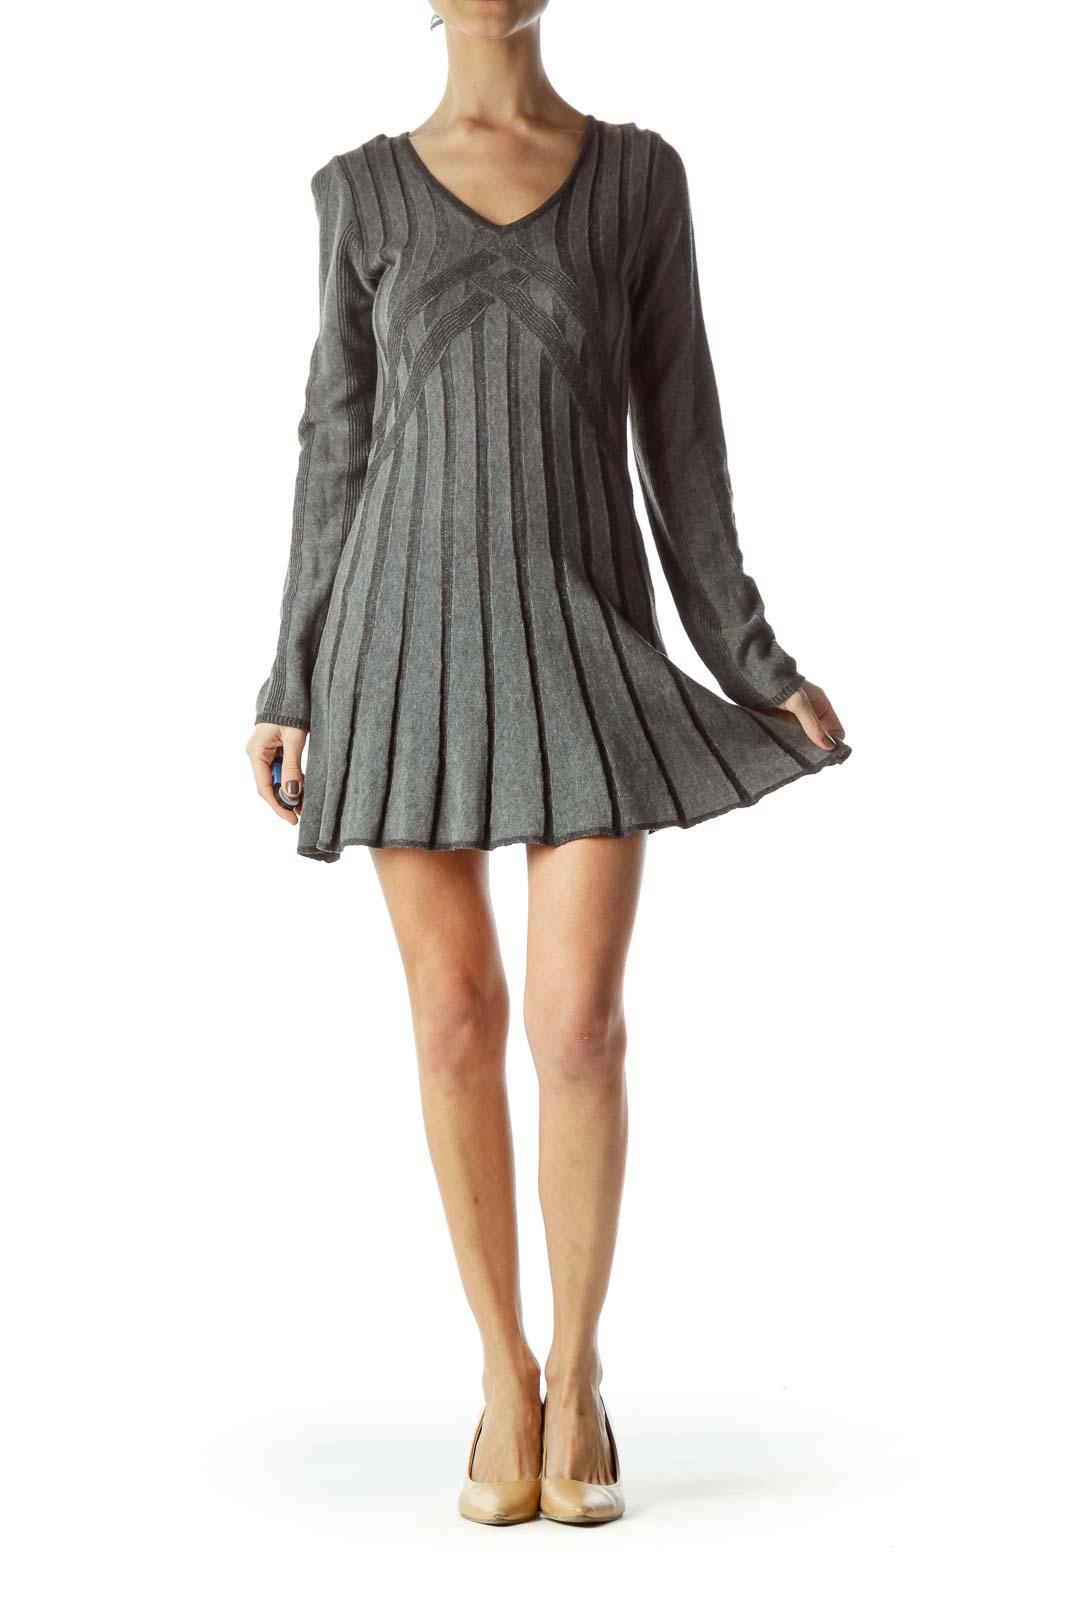 Gray Long Sleeve V-Neck Knit Dress